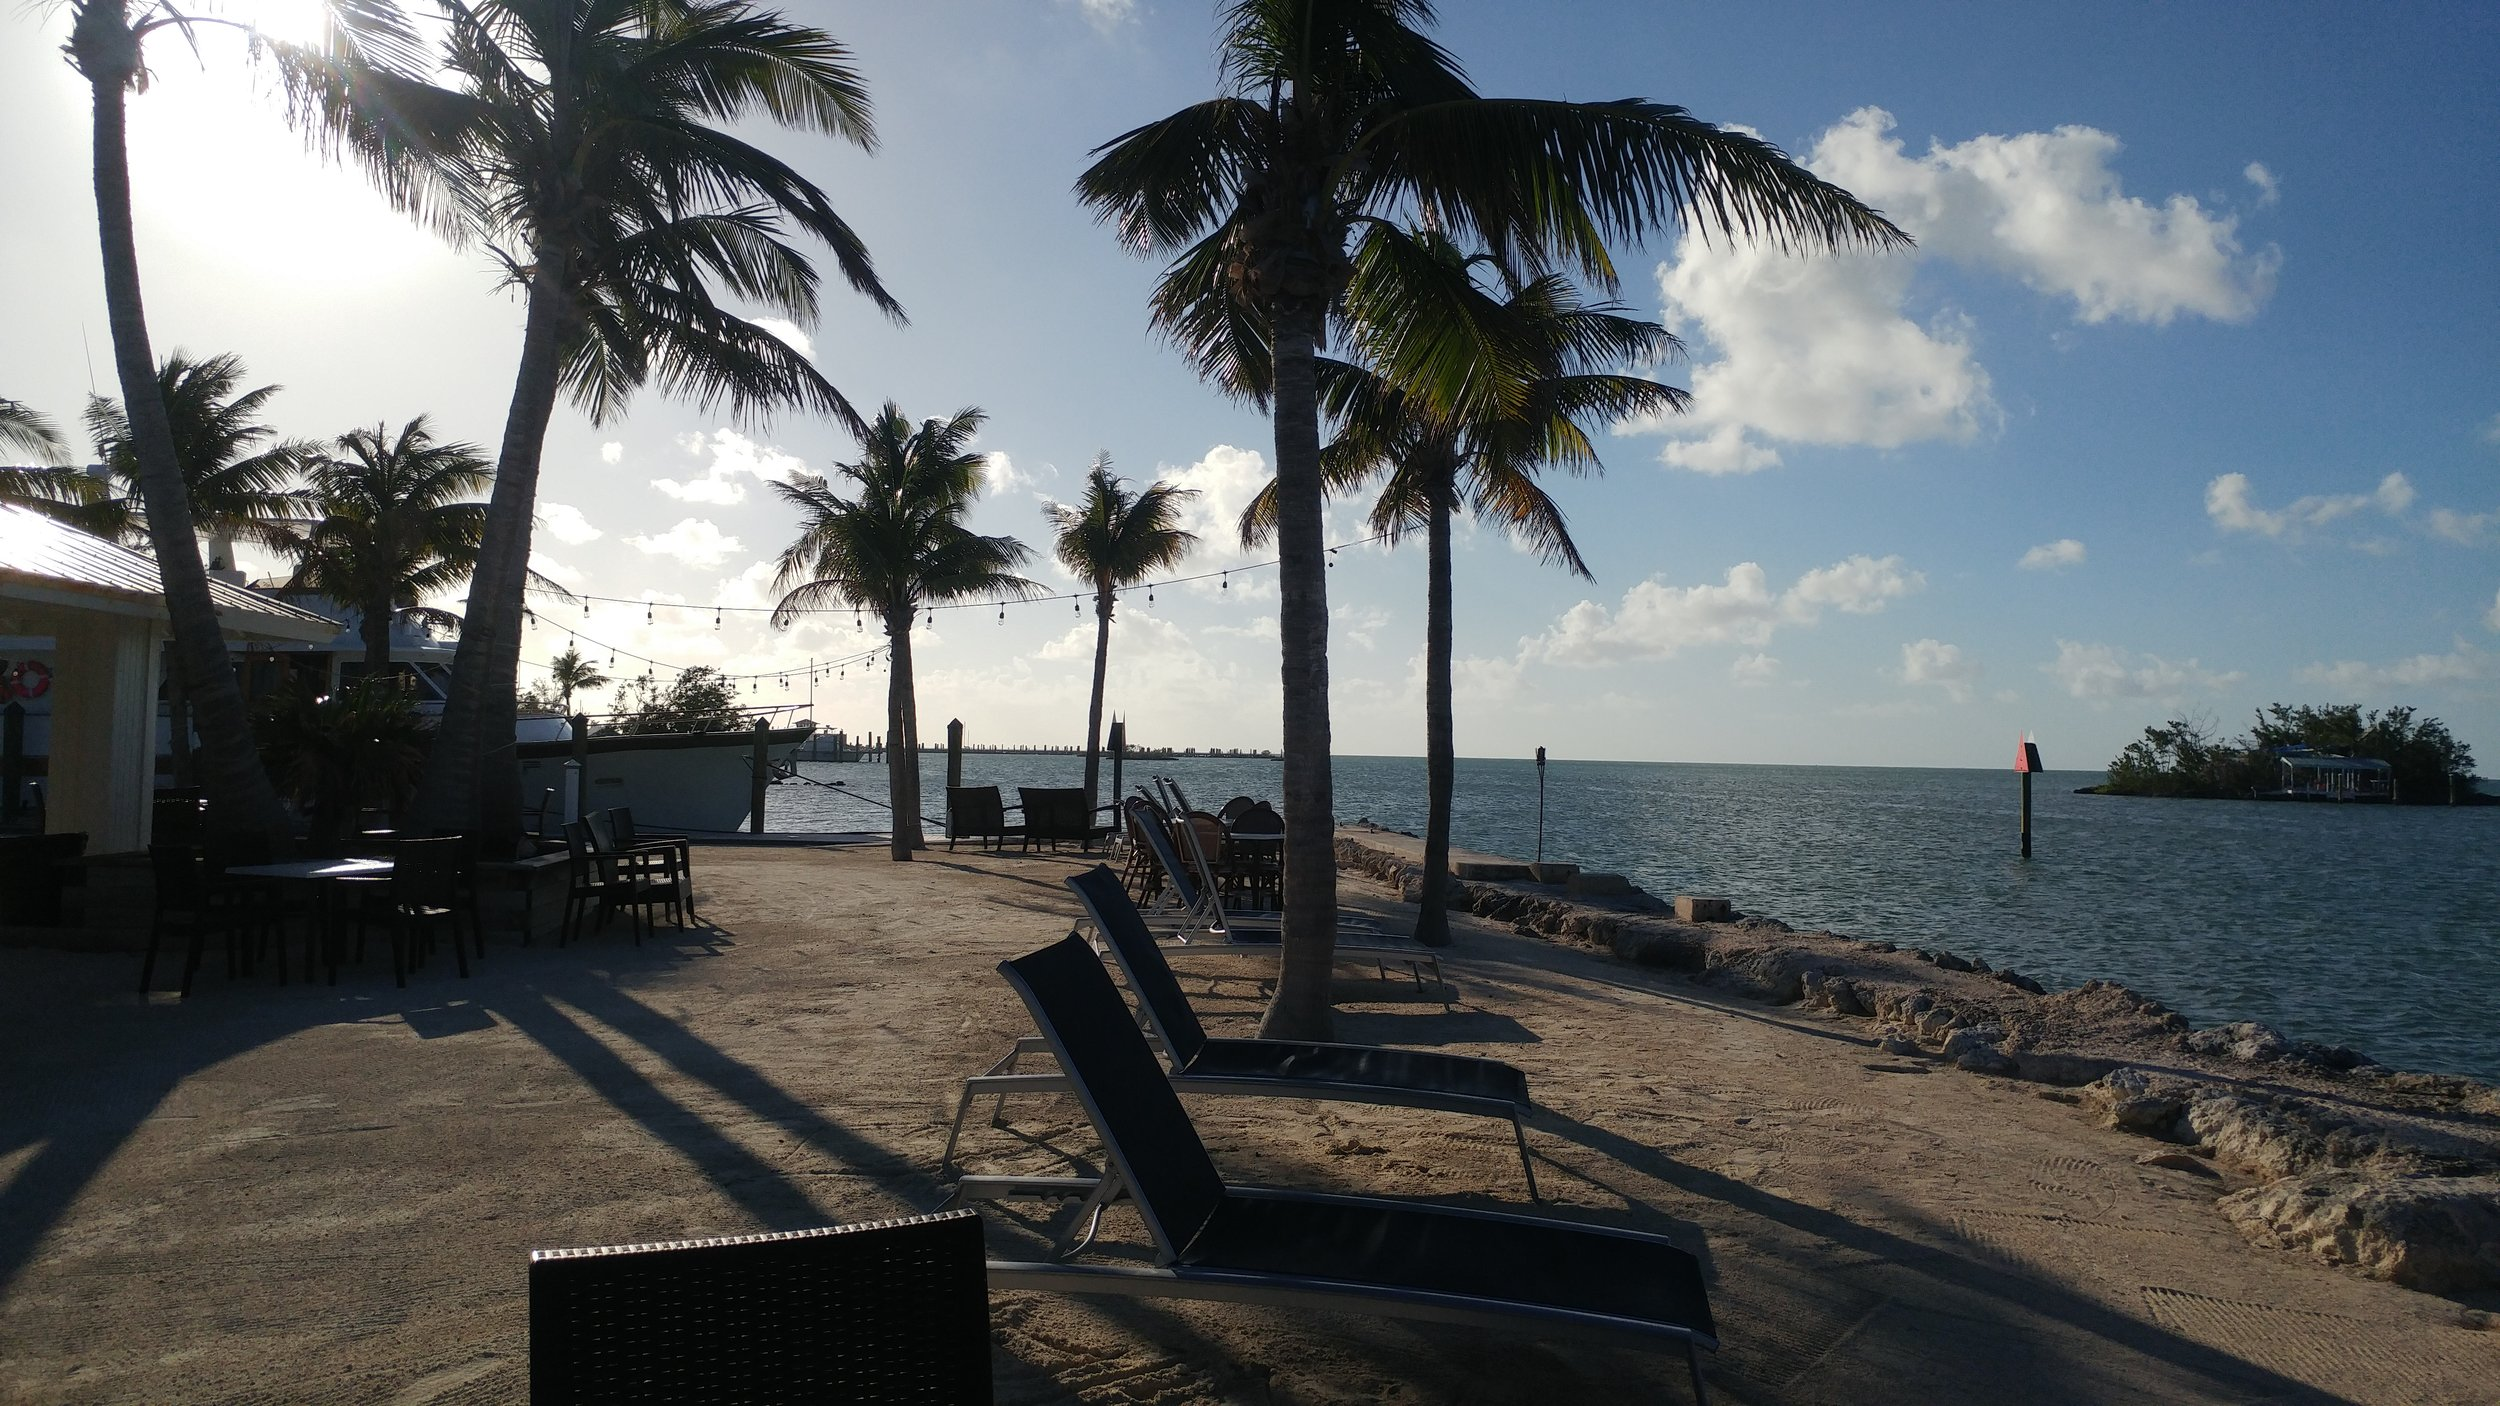 My work spot at Banana Bay Marina and Resort.